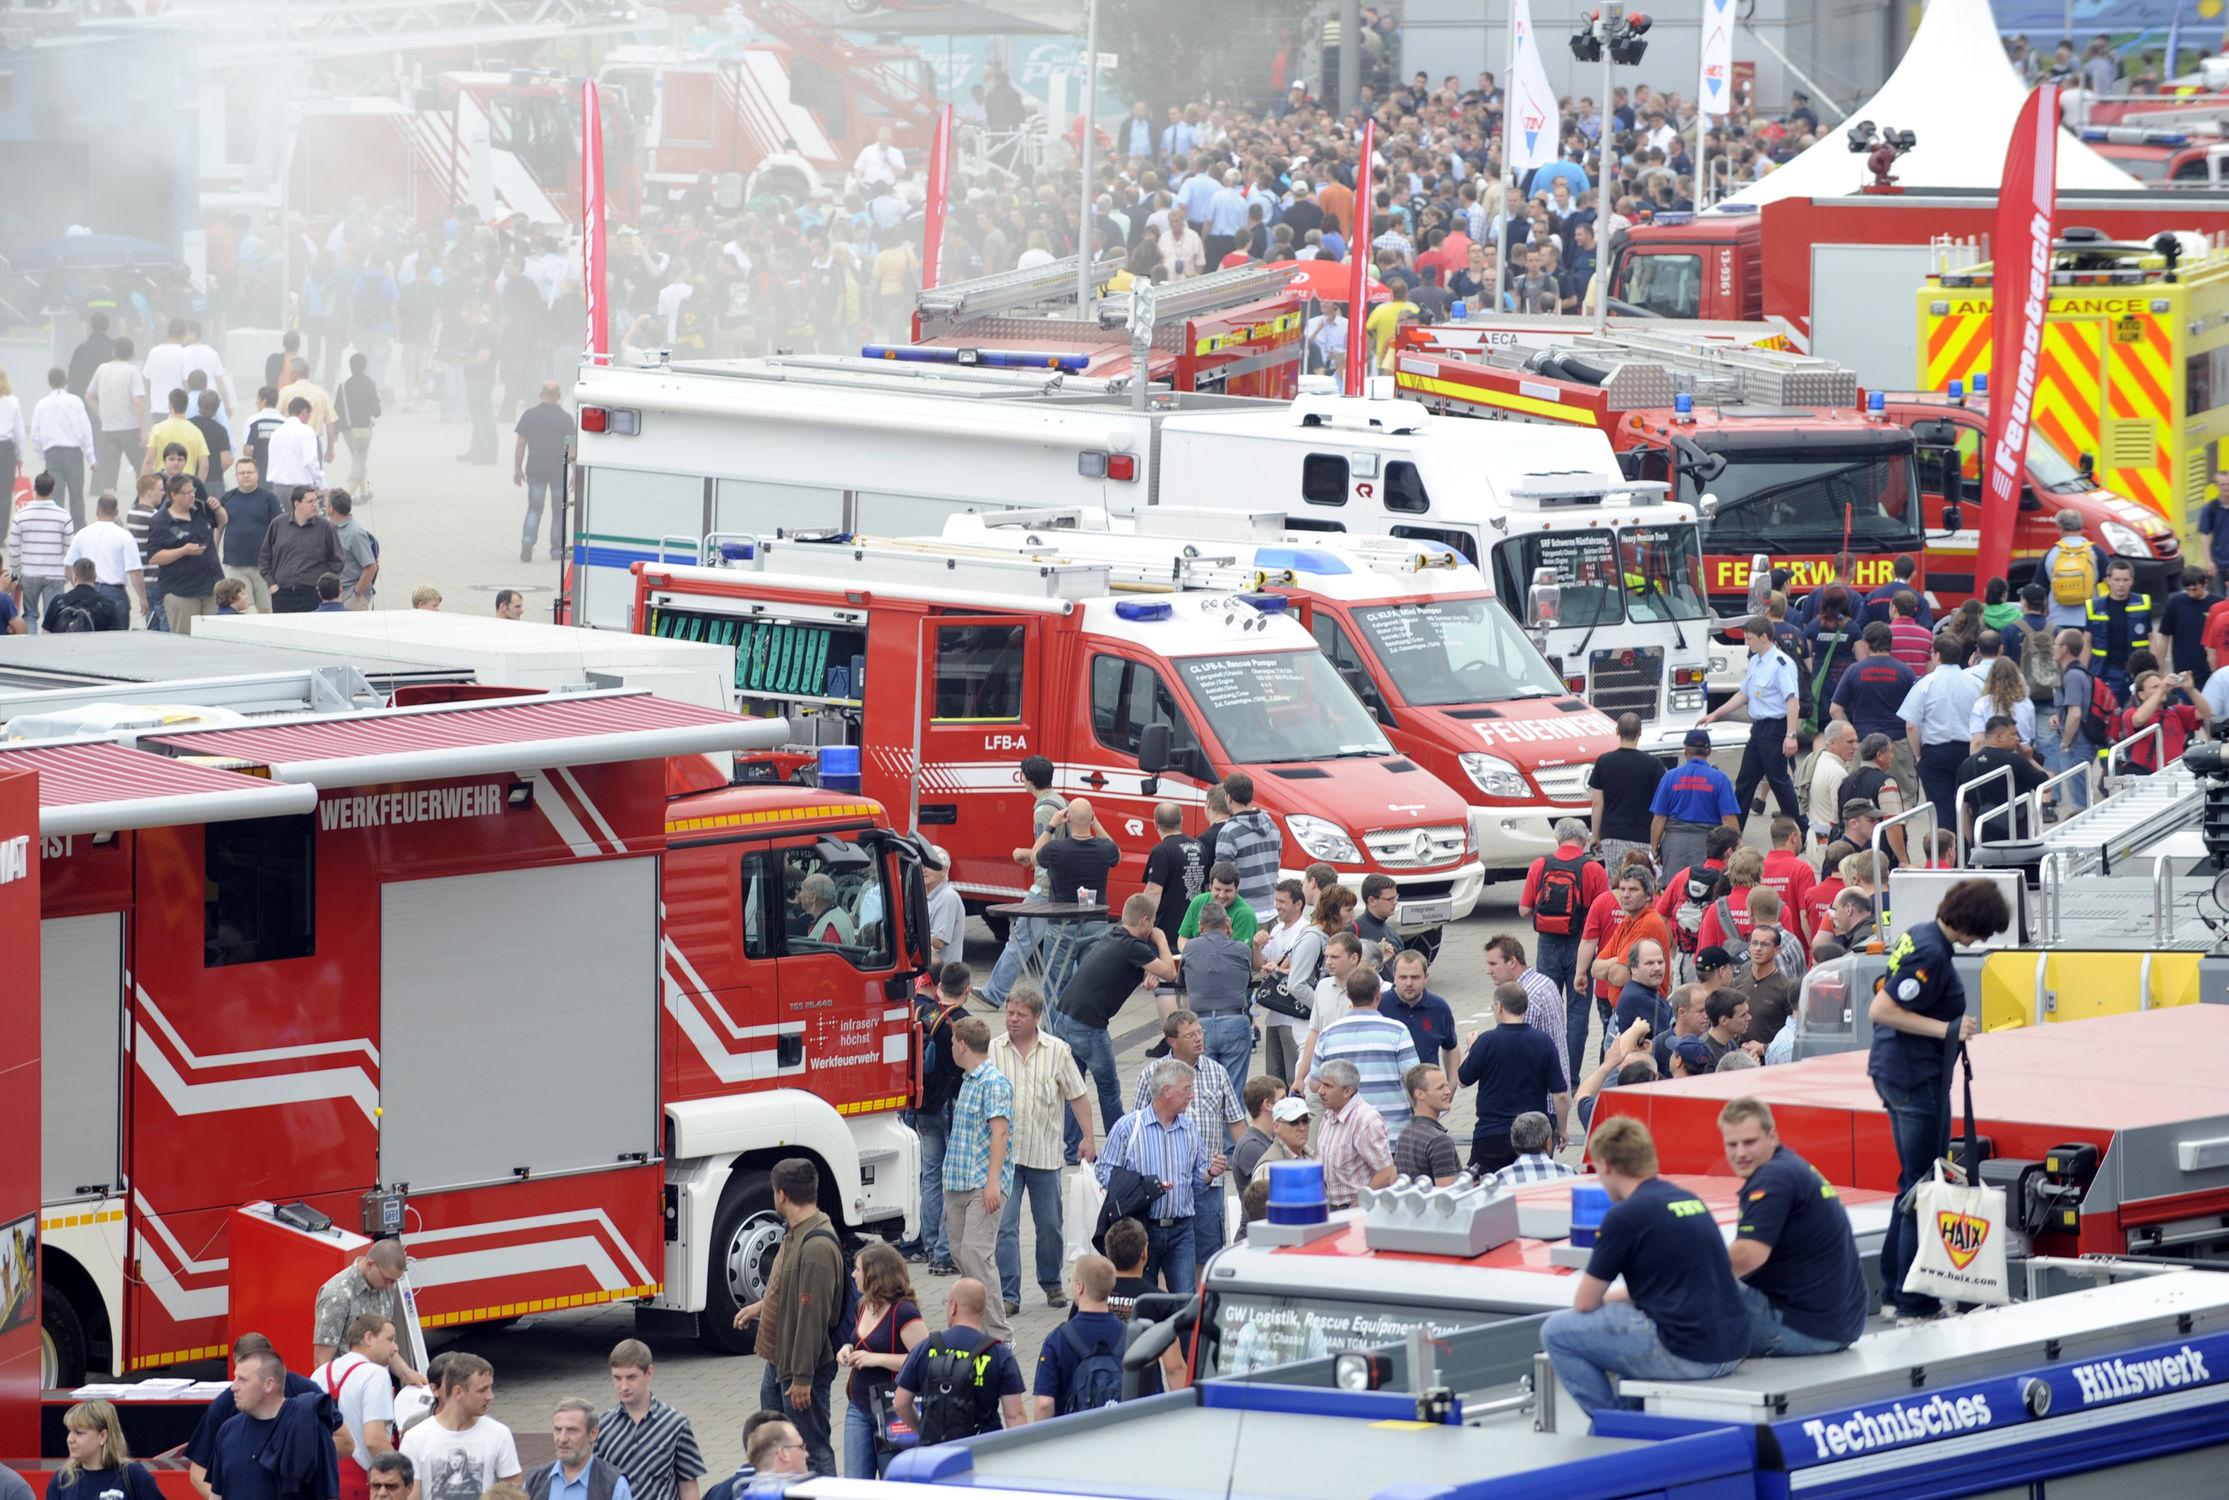 La più grande INTERSCHUTZ di tutti i tempi traccia il futuro della protezione antincendio e del soccorso